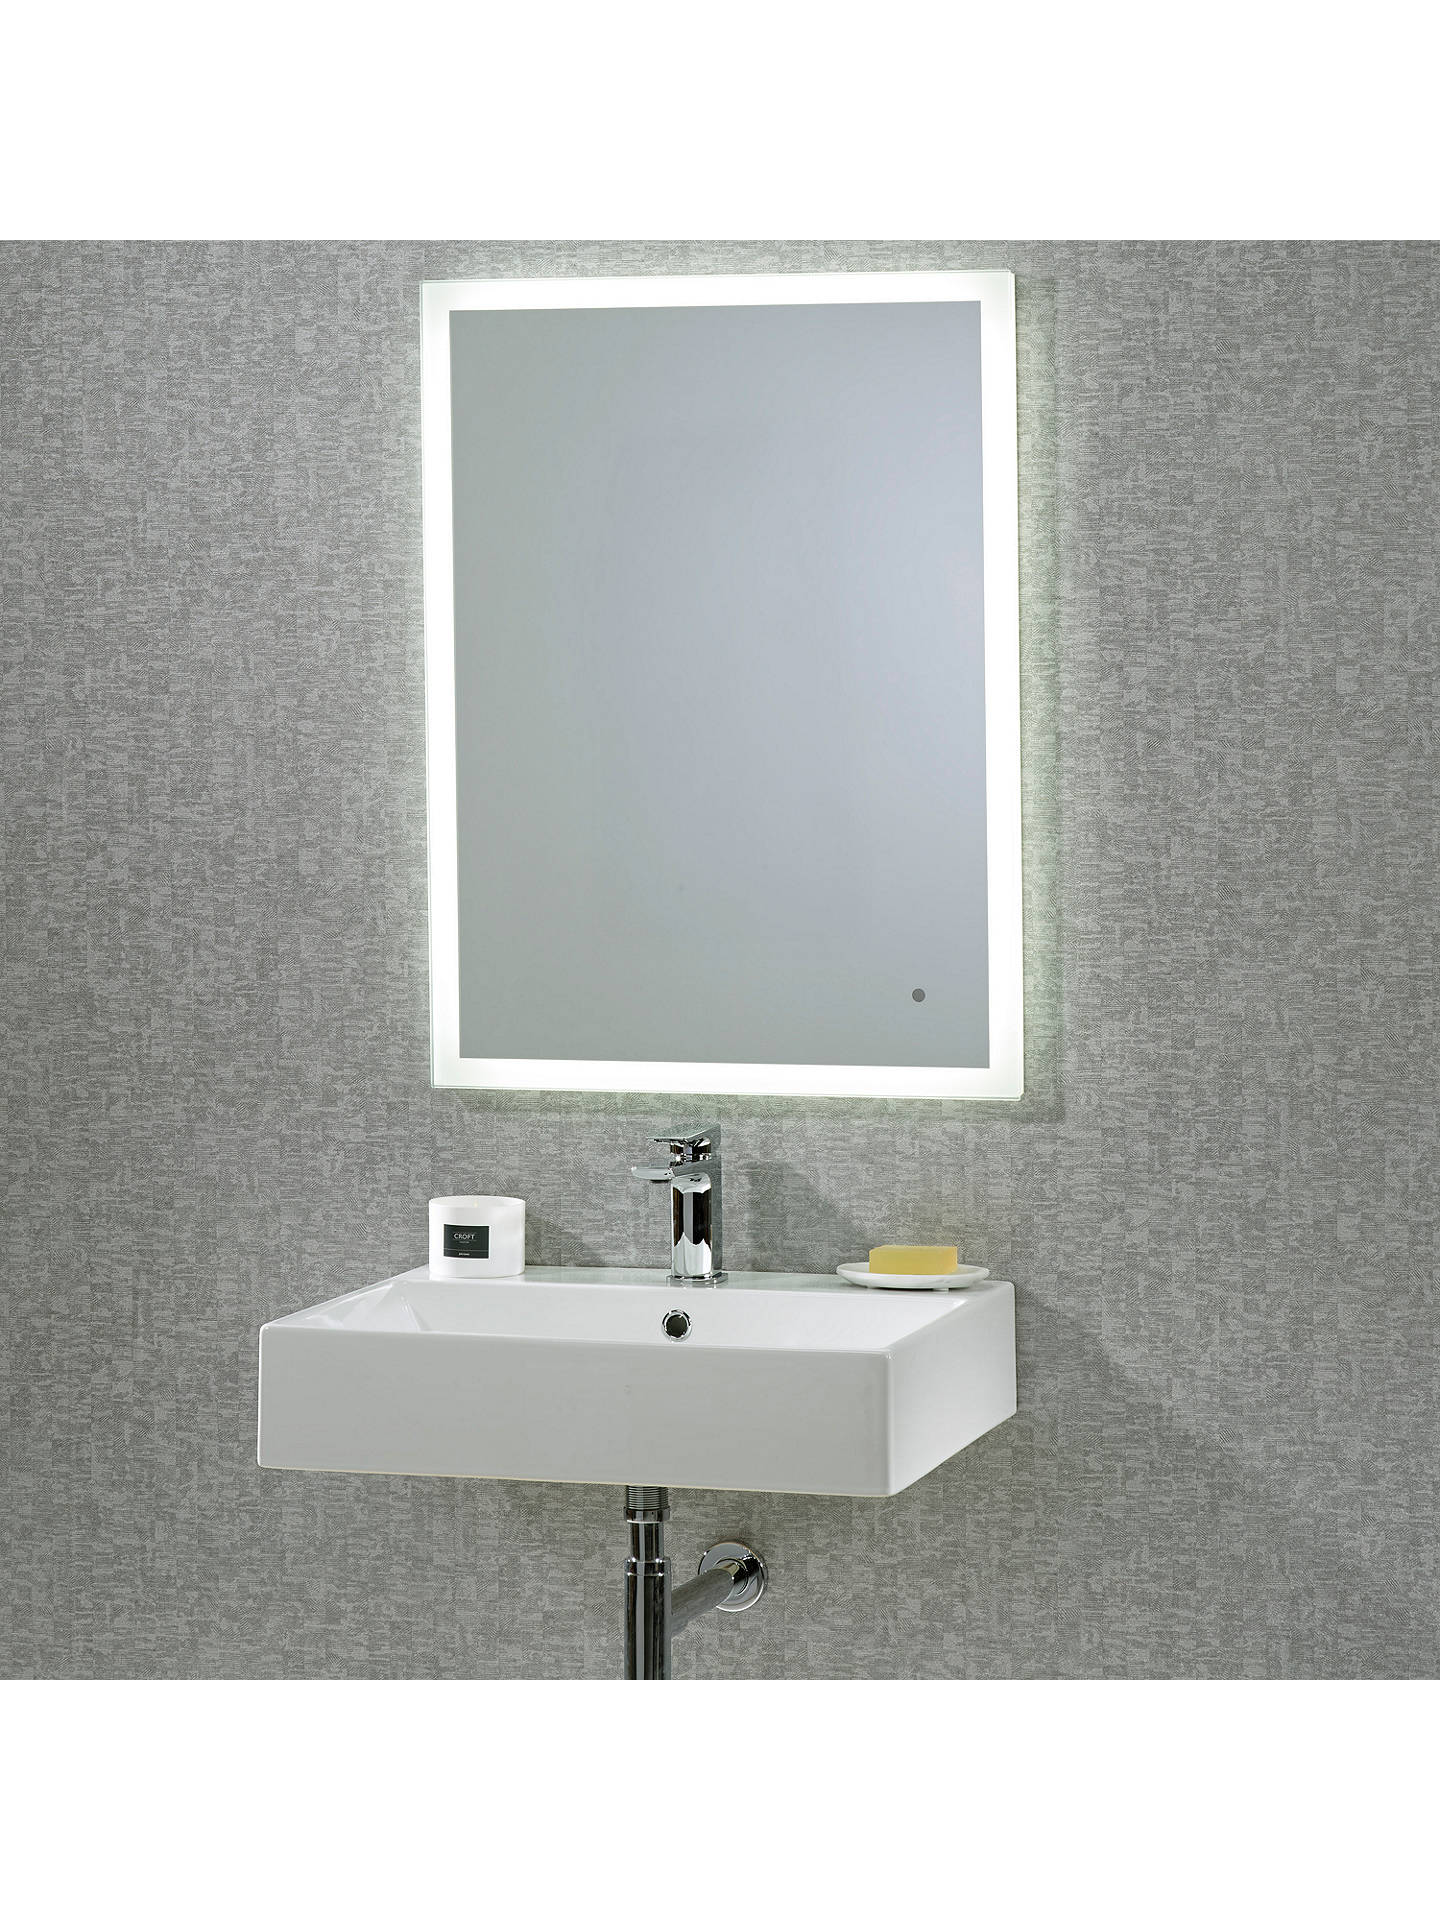 Roper Rhodes Intense Illuminated Bathroom Mirror At John